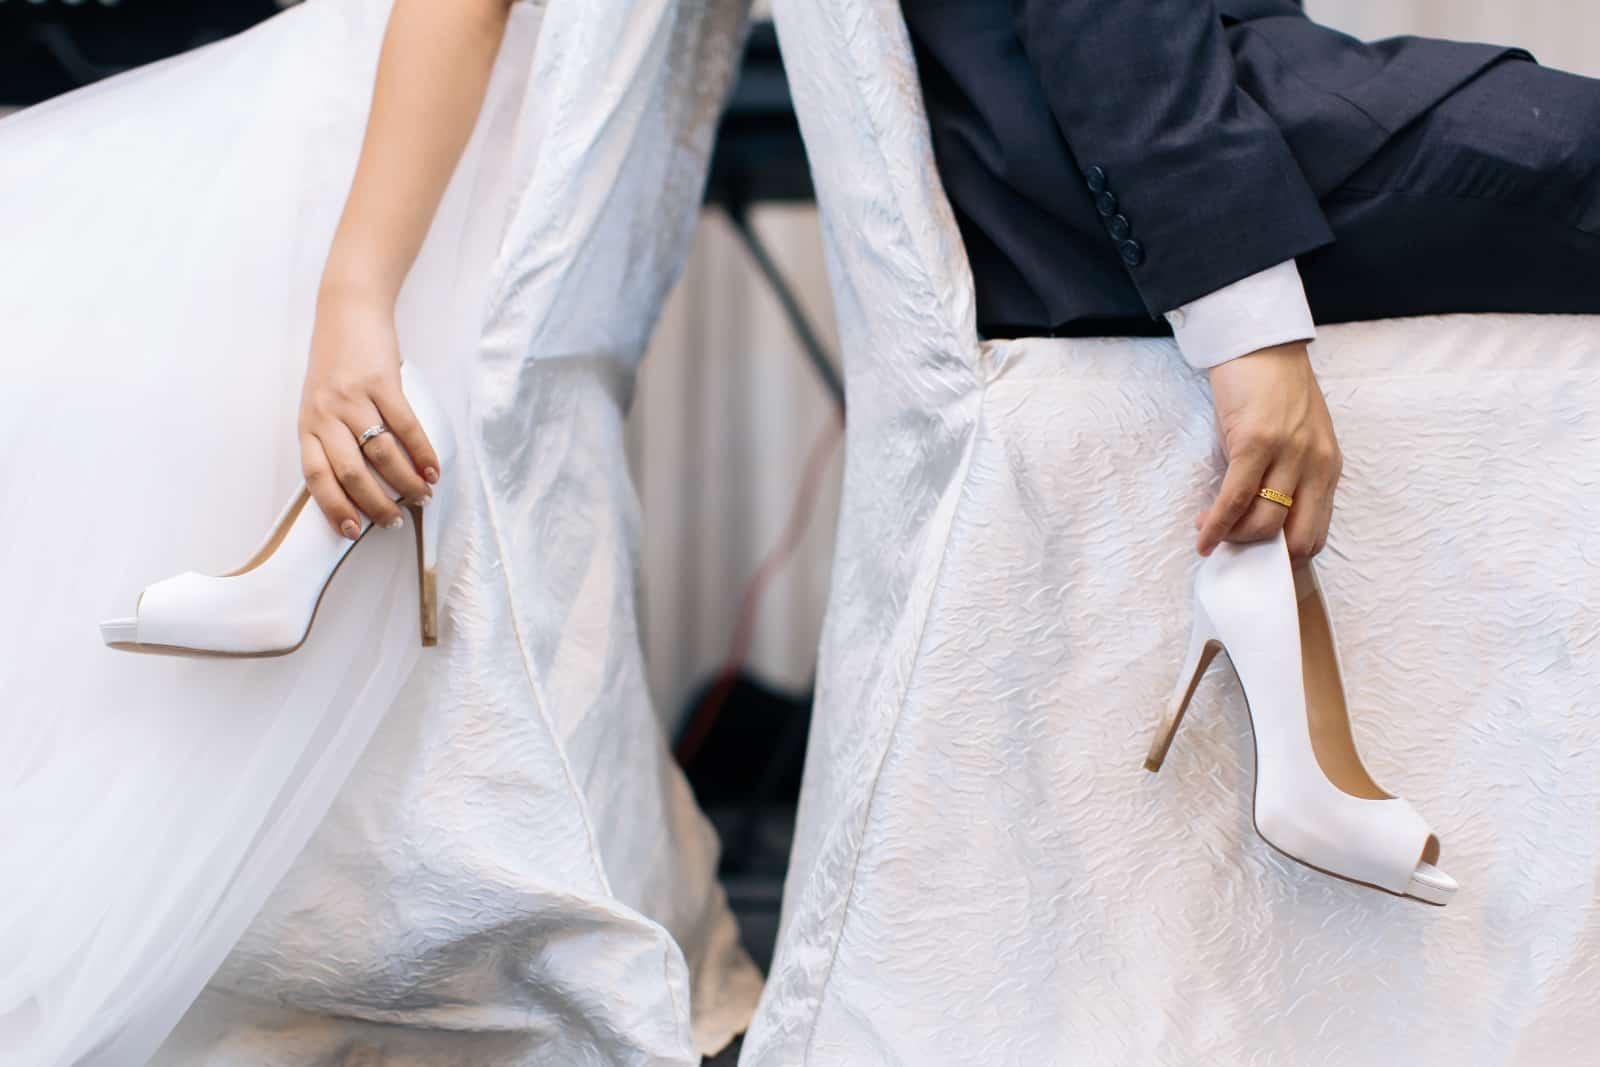 Braut und Bräutigam halten jeweils einen Schuh von der Braut fern